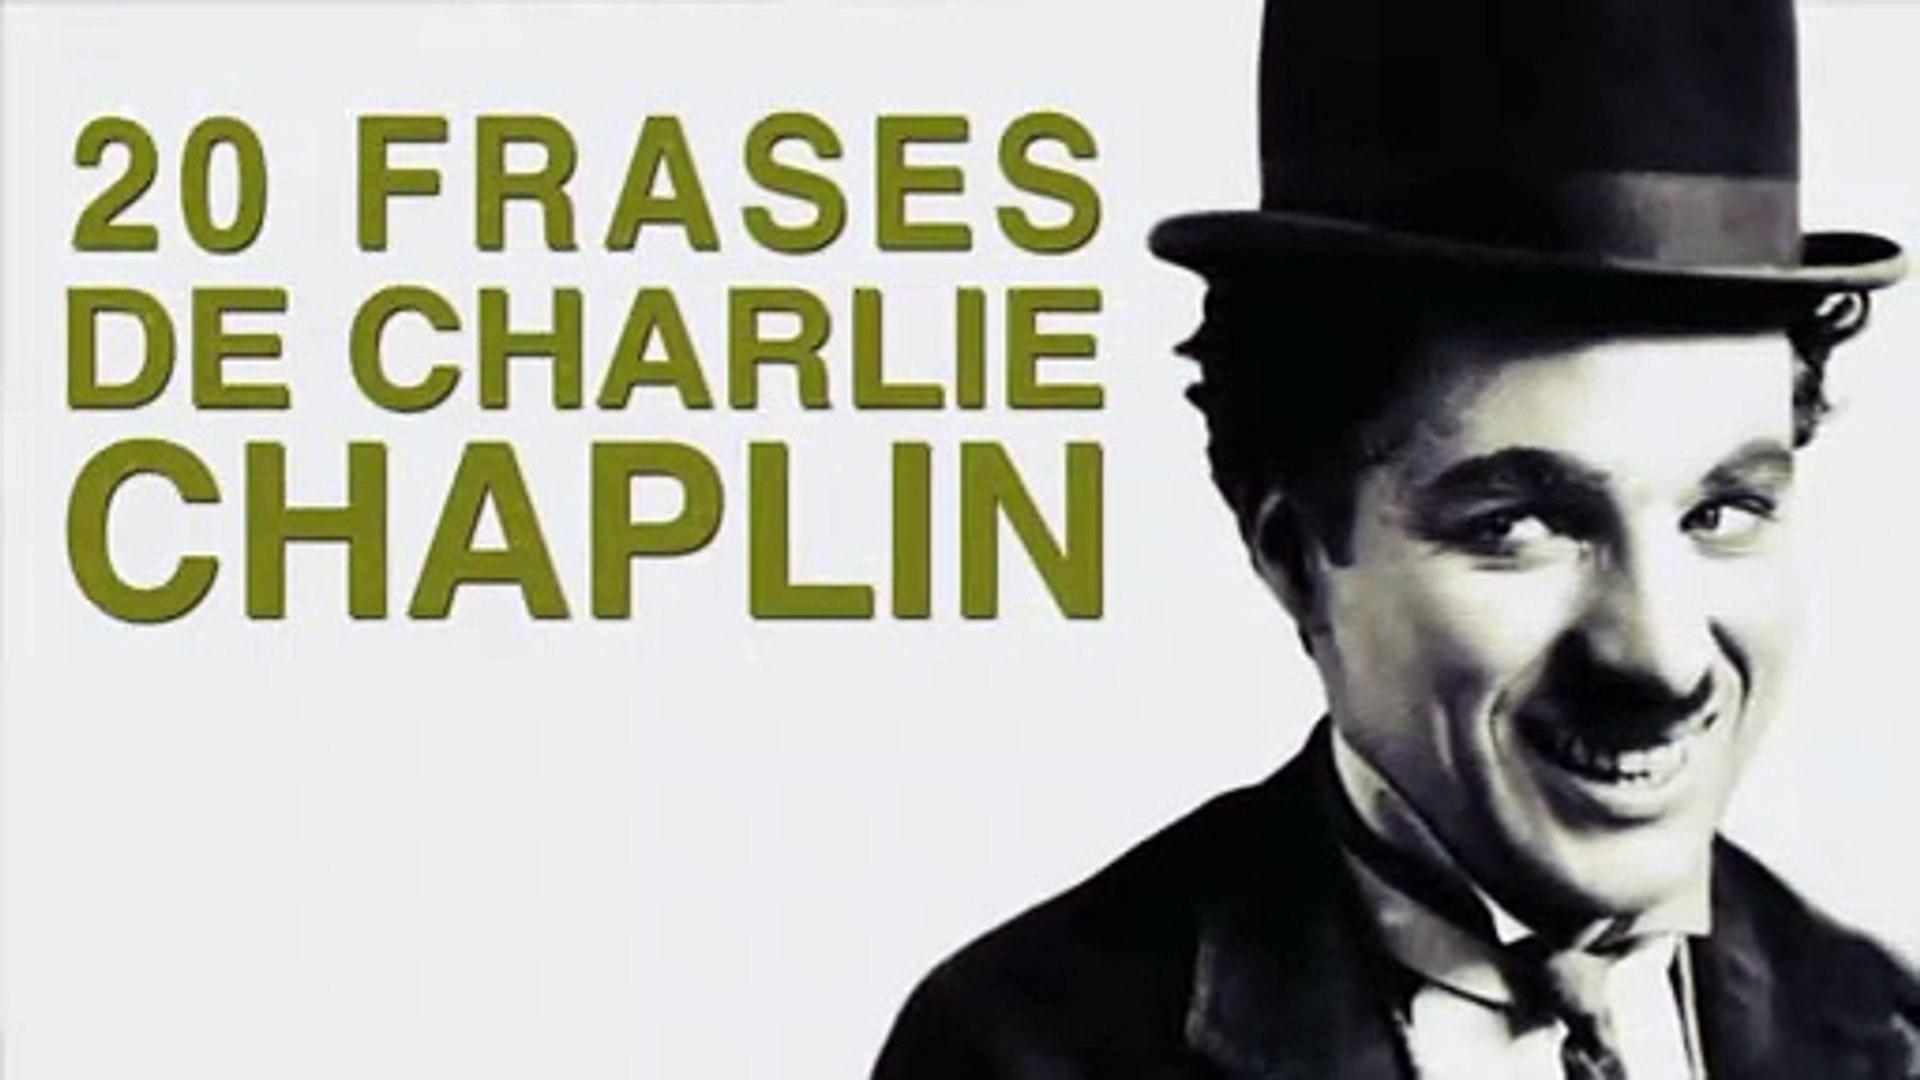 20 Frases De Charlie Chaplin El Gran Cómico Del Séptimo Arte